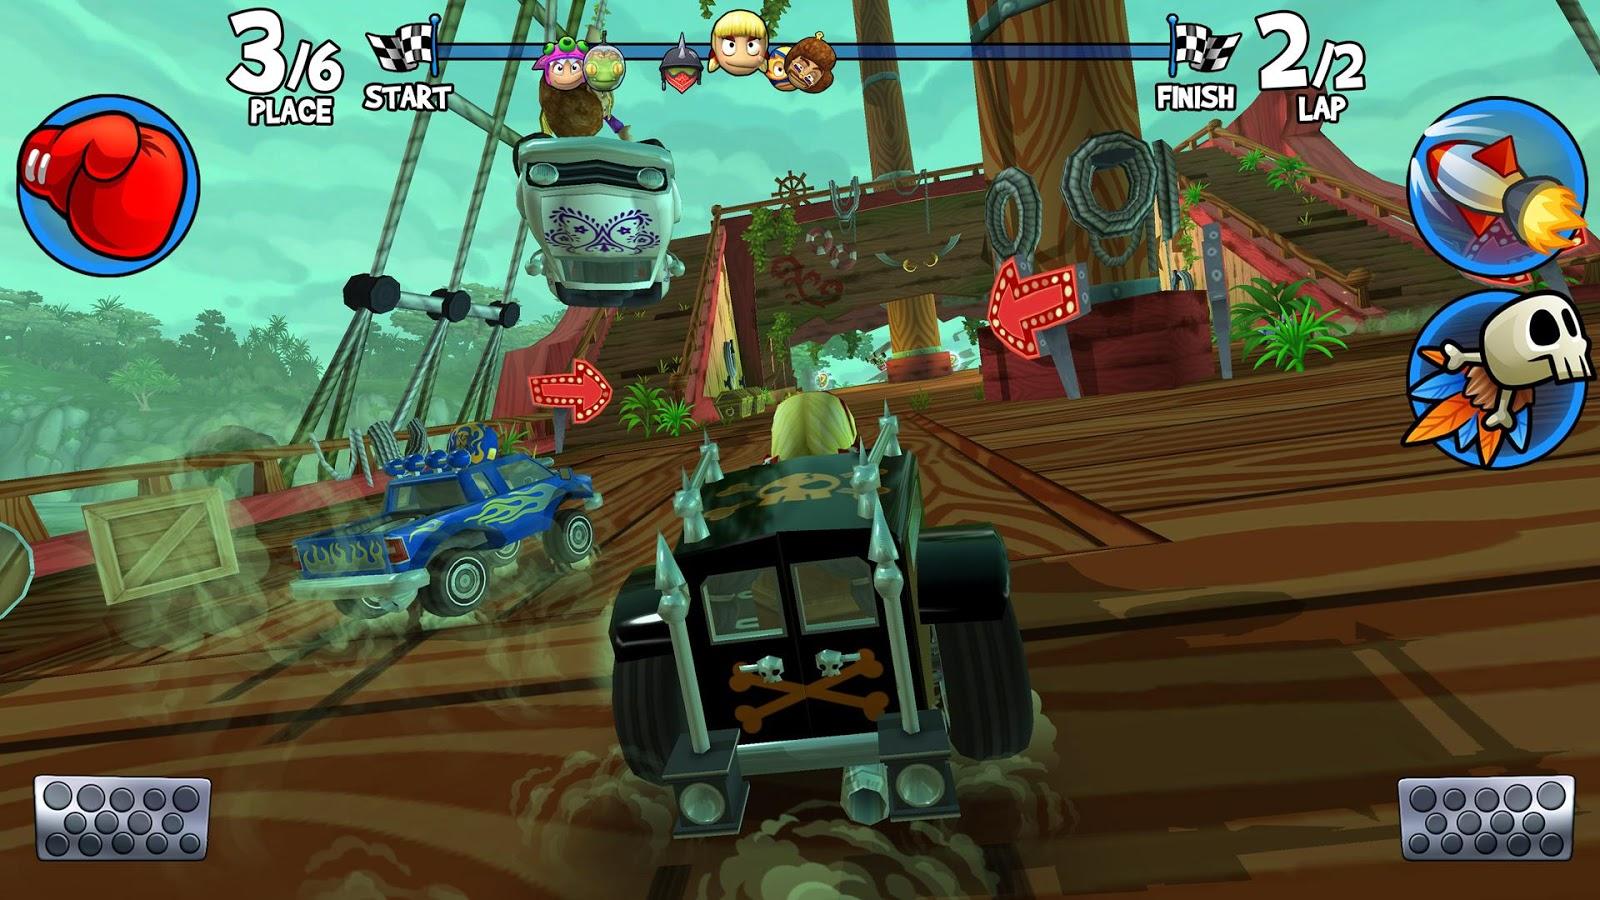 скачать взлом beach buggy racing 2